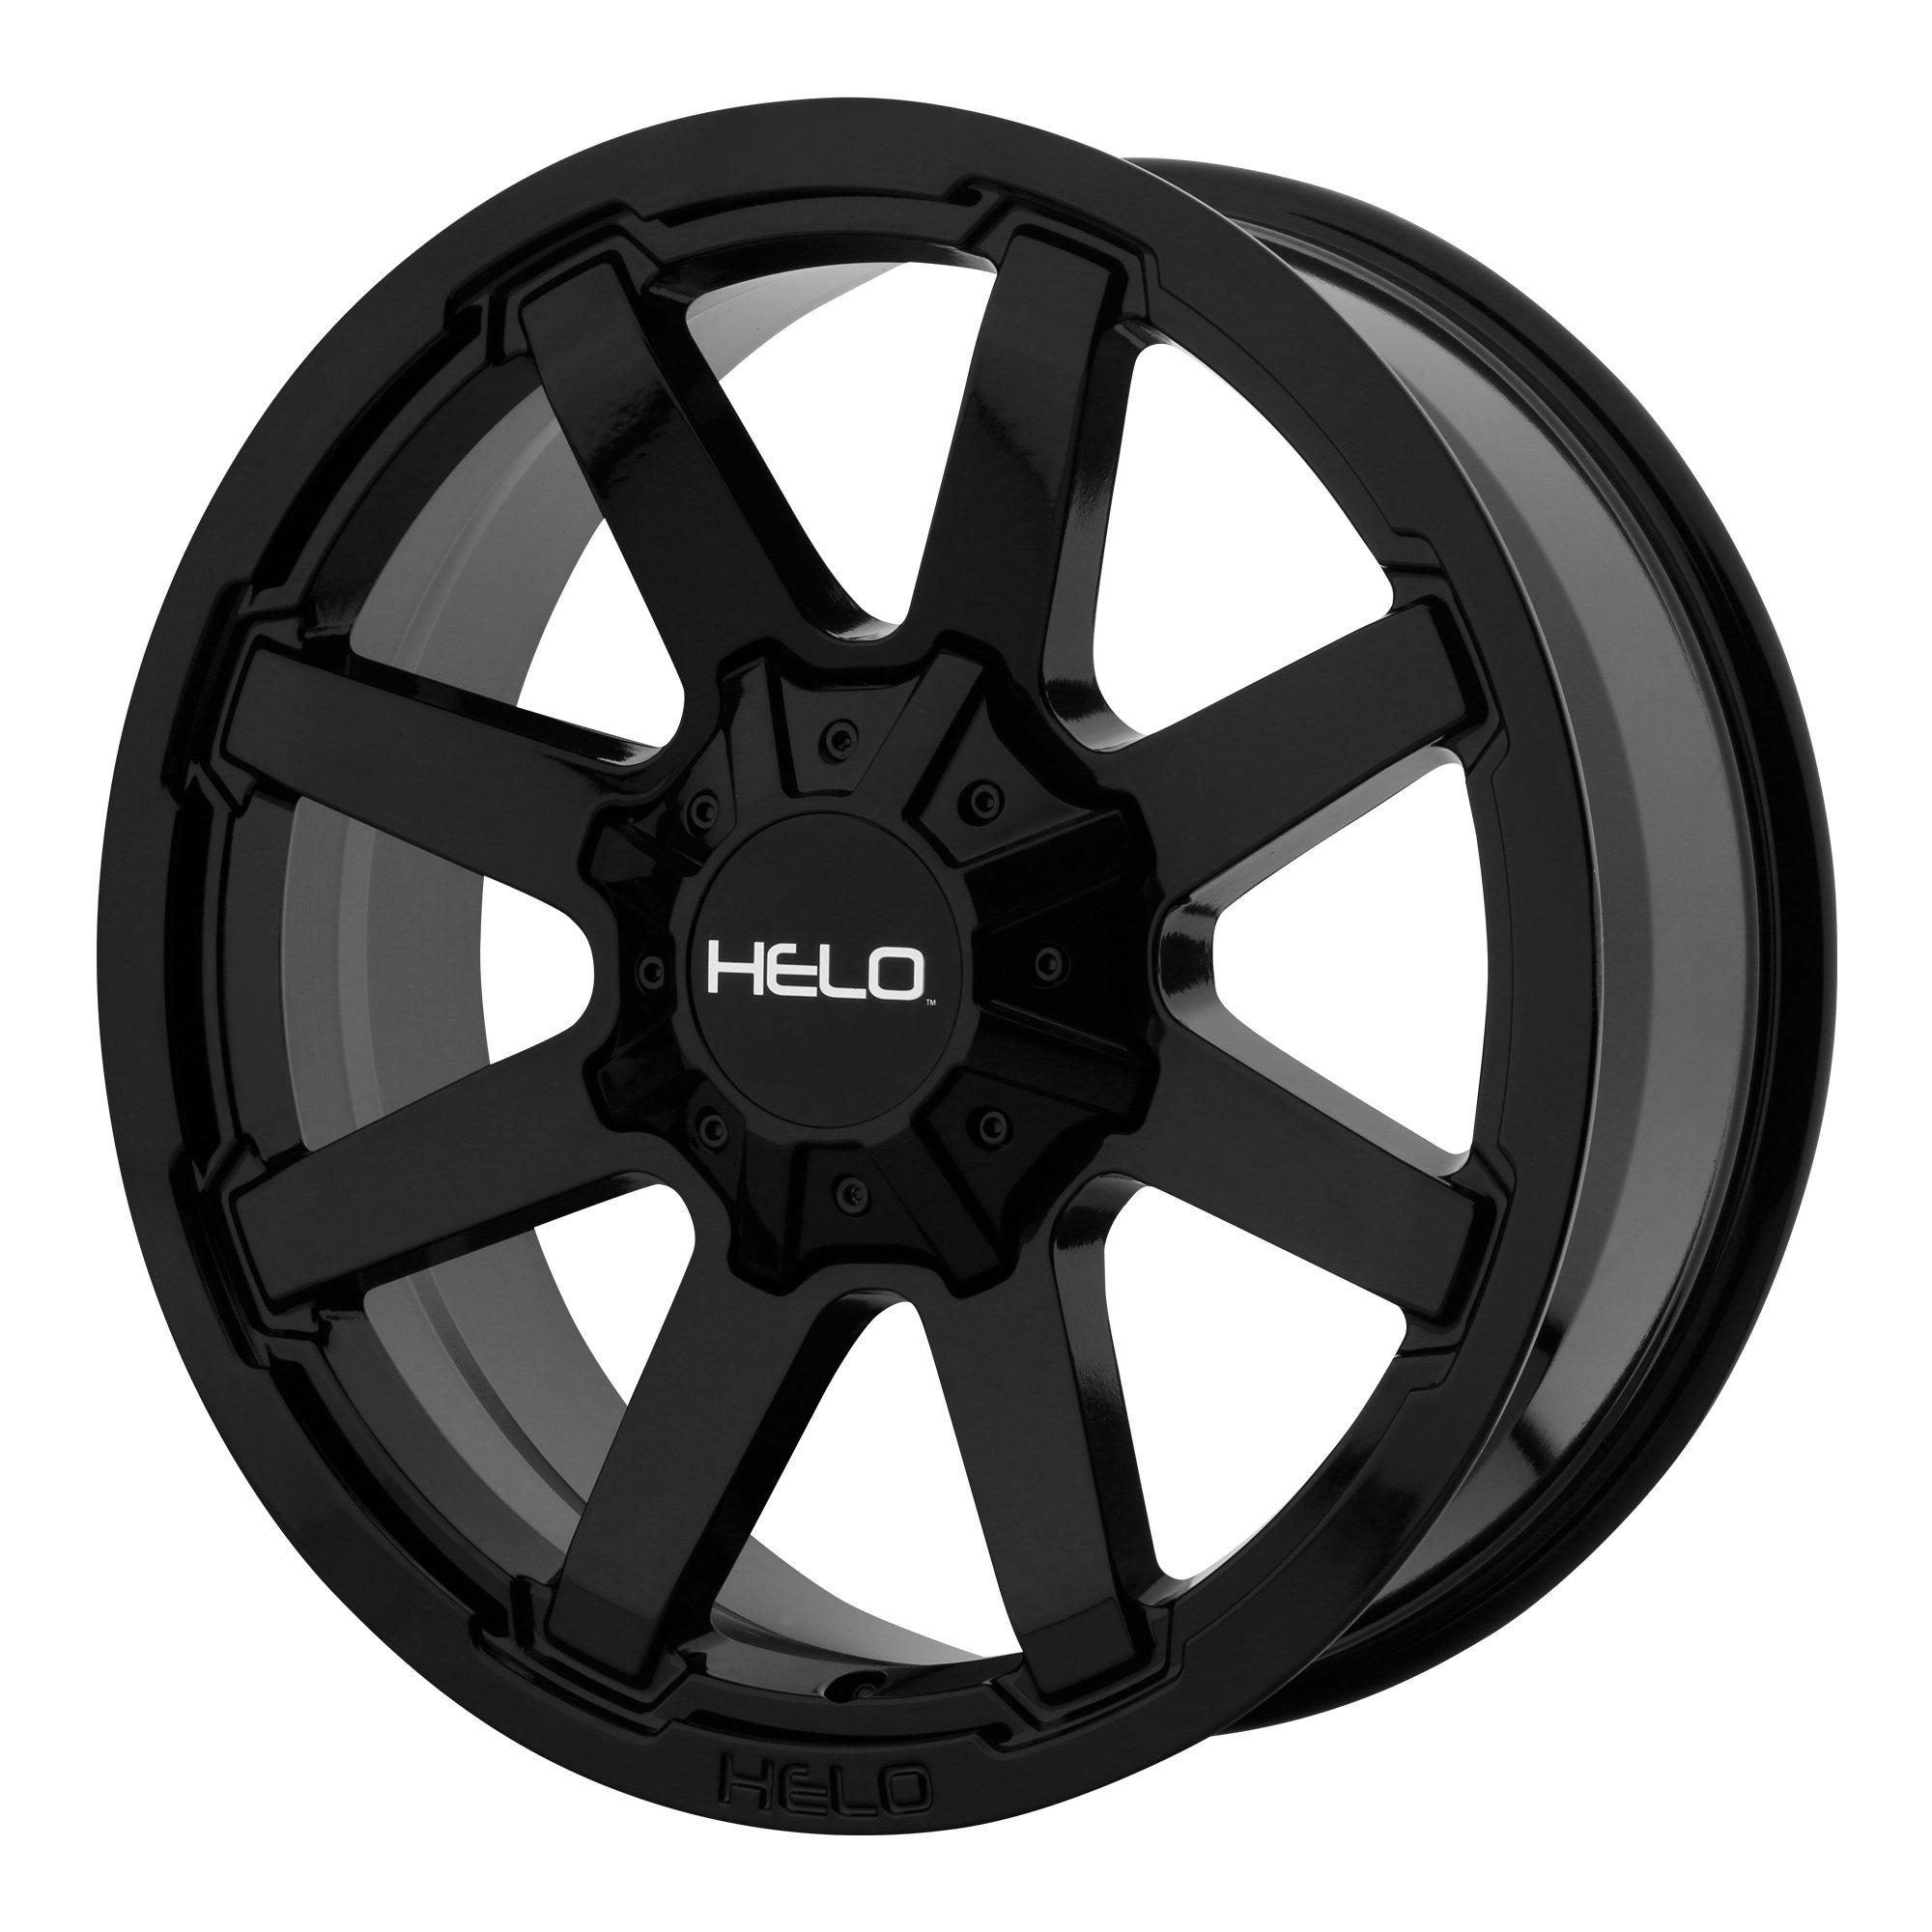 Helo HE909 17x9 8x180 +18mm Gloss Black Wheel Rim